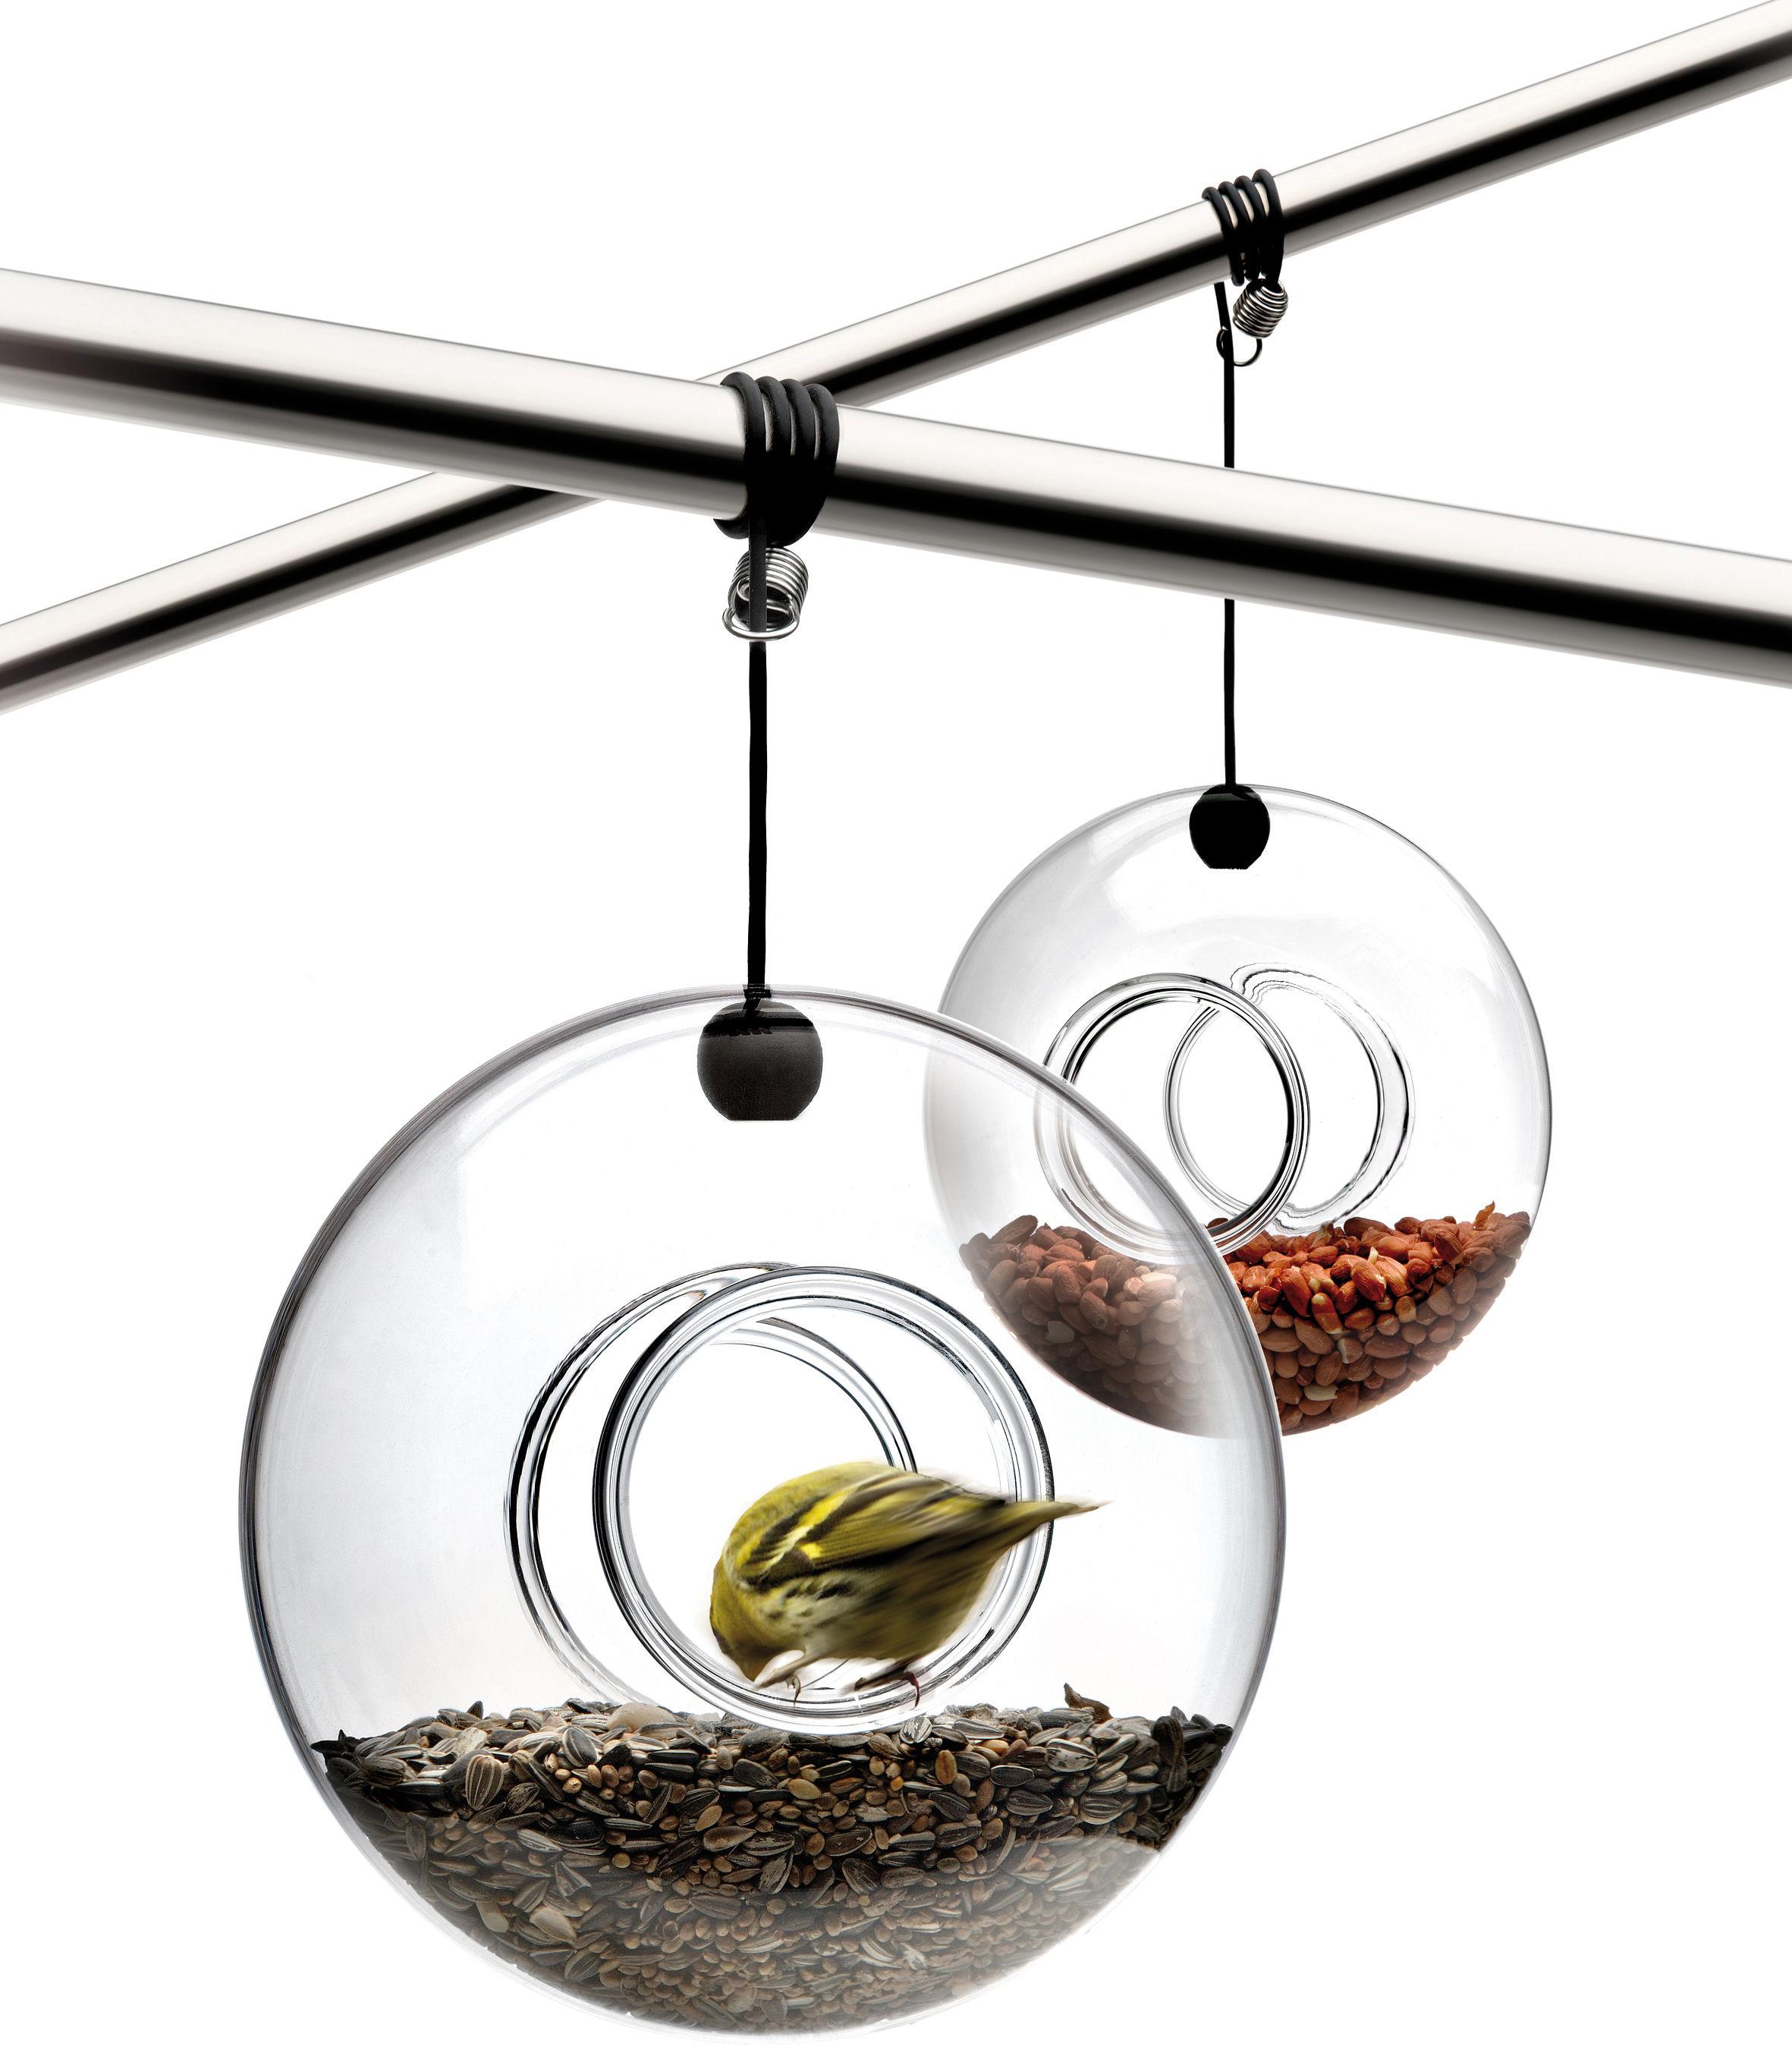 Outdoor - Déco et accessoires - Mangeoire à oiseaux - Eva Solo - Verre transparent - Verre soufflé bouche